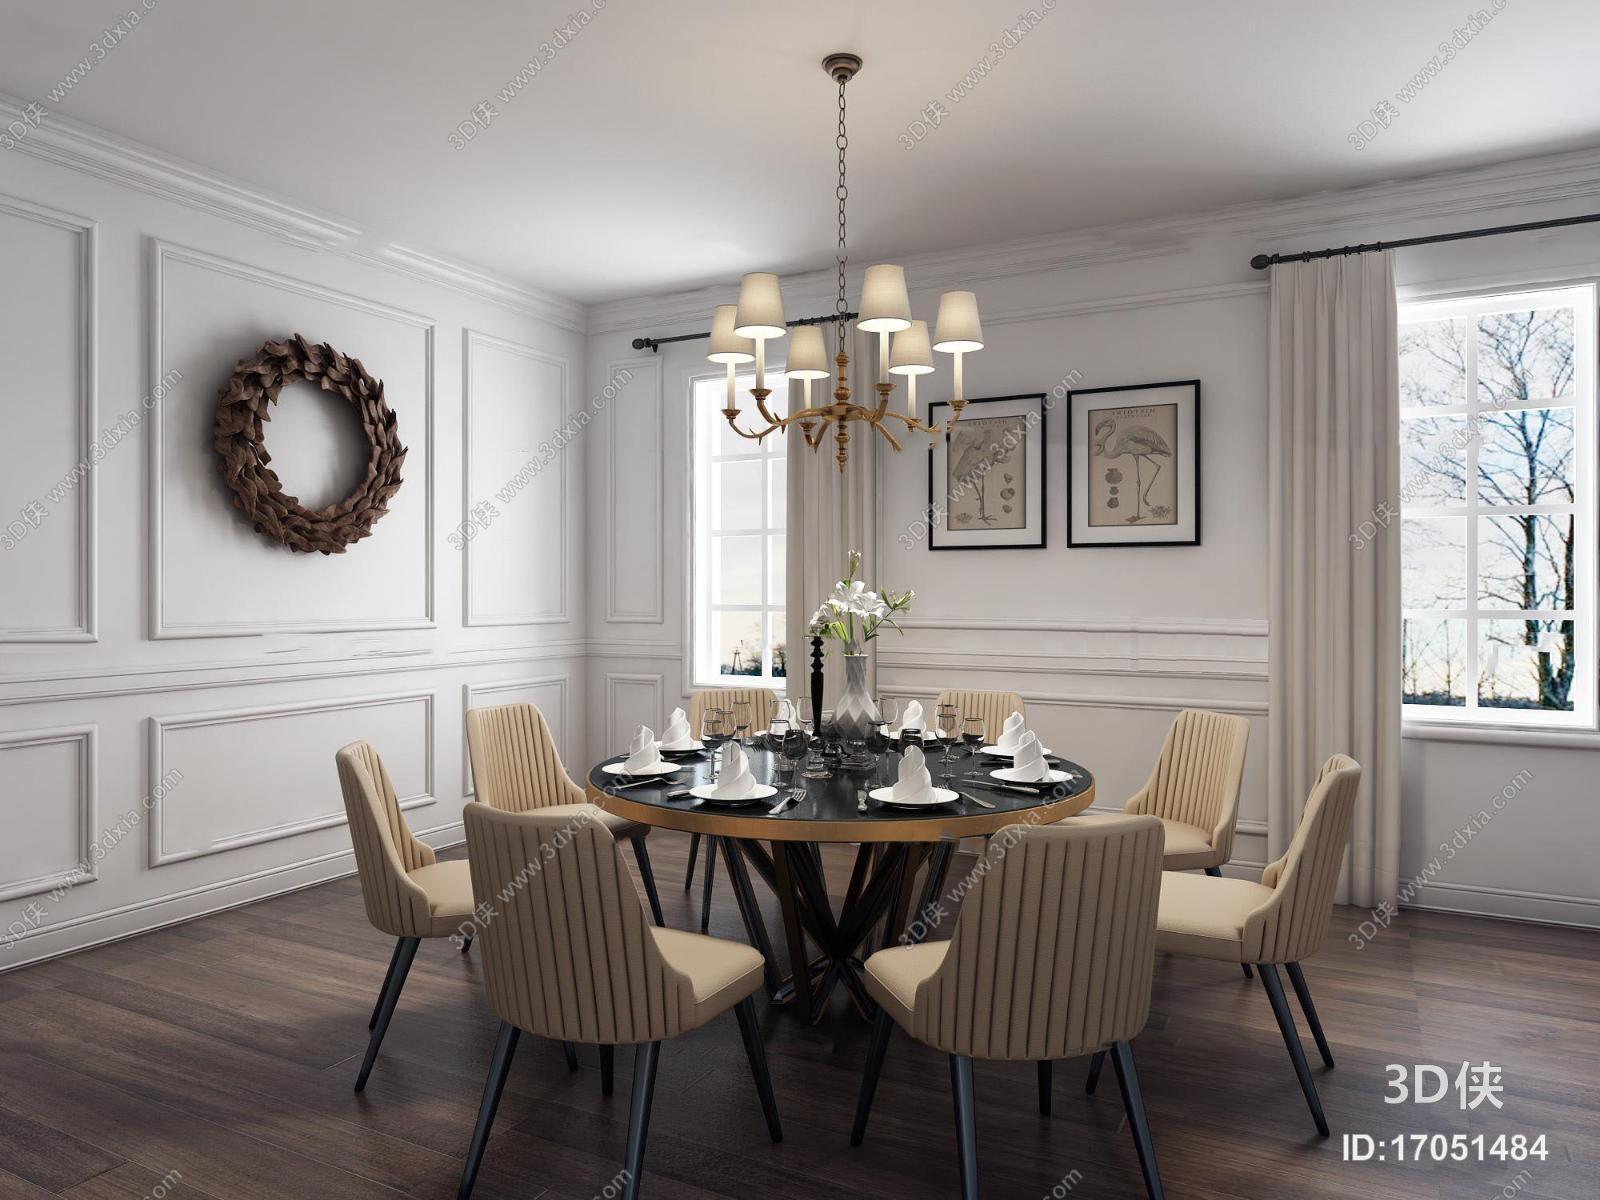 简欧餐厅圆形餐桌椅餐具吊灯组合3D模型